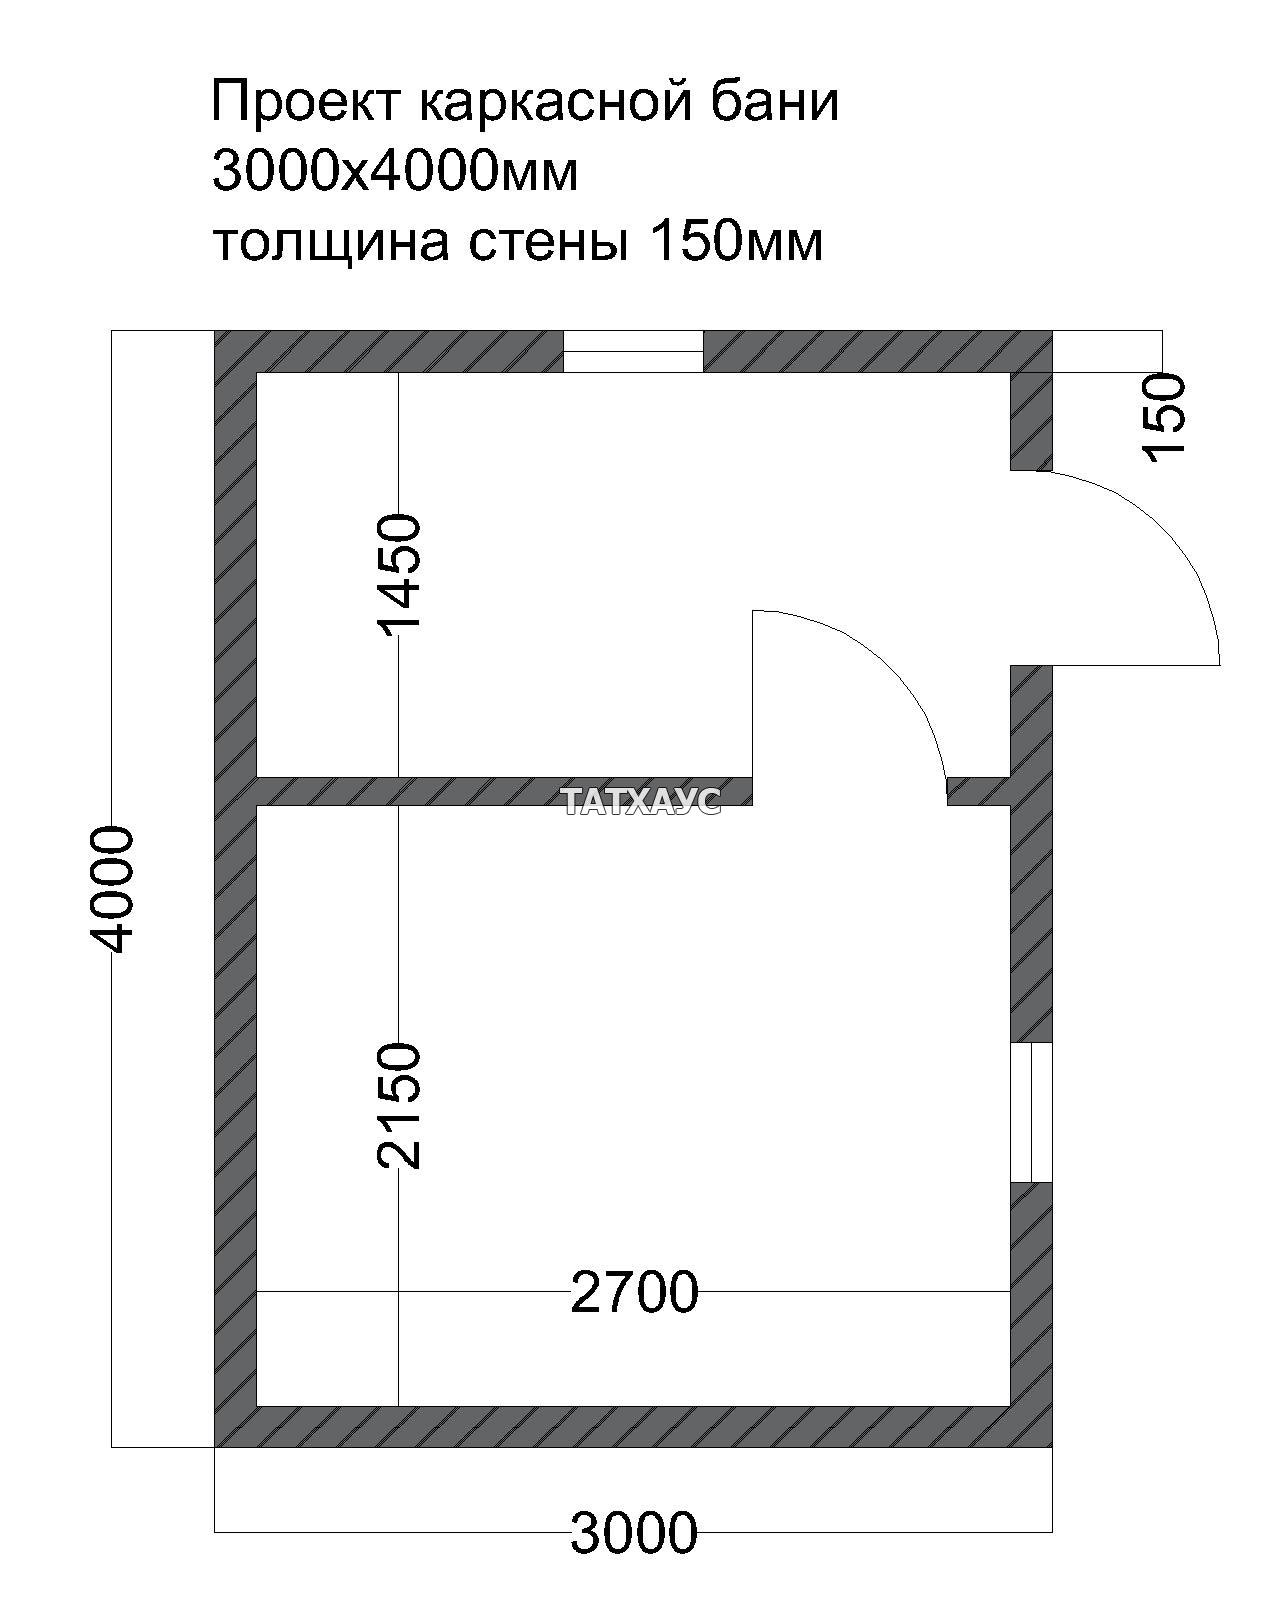 Как рассчитать каркасную баню 4*4 метра + фото и чертежи